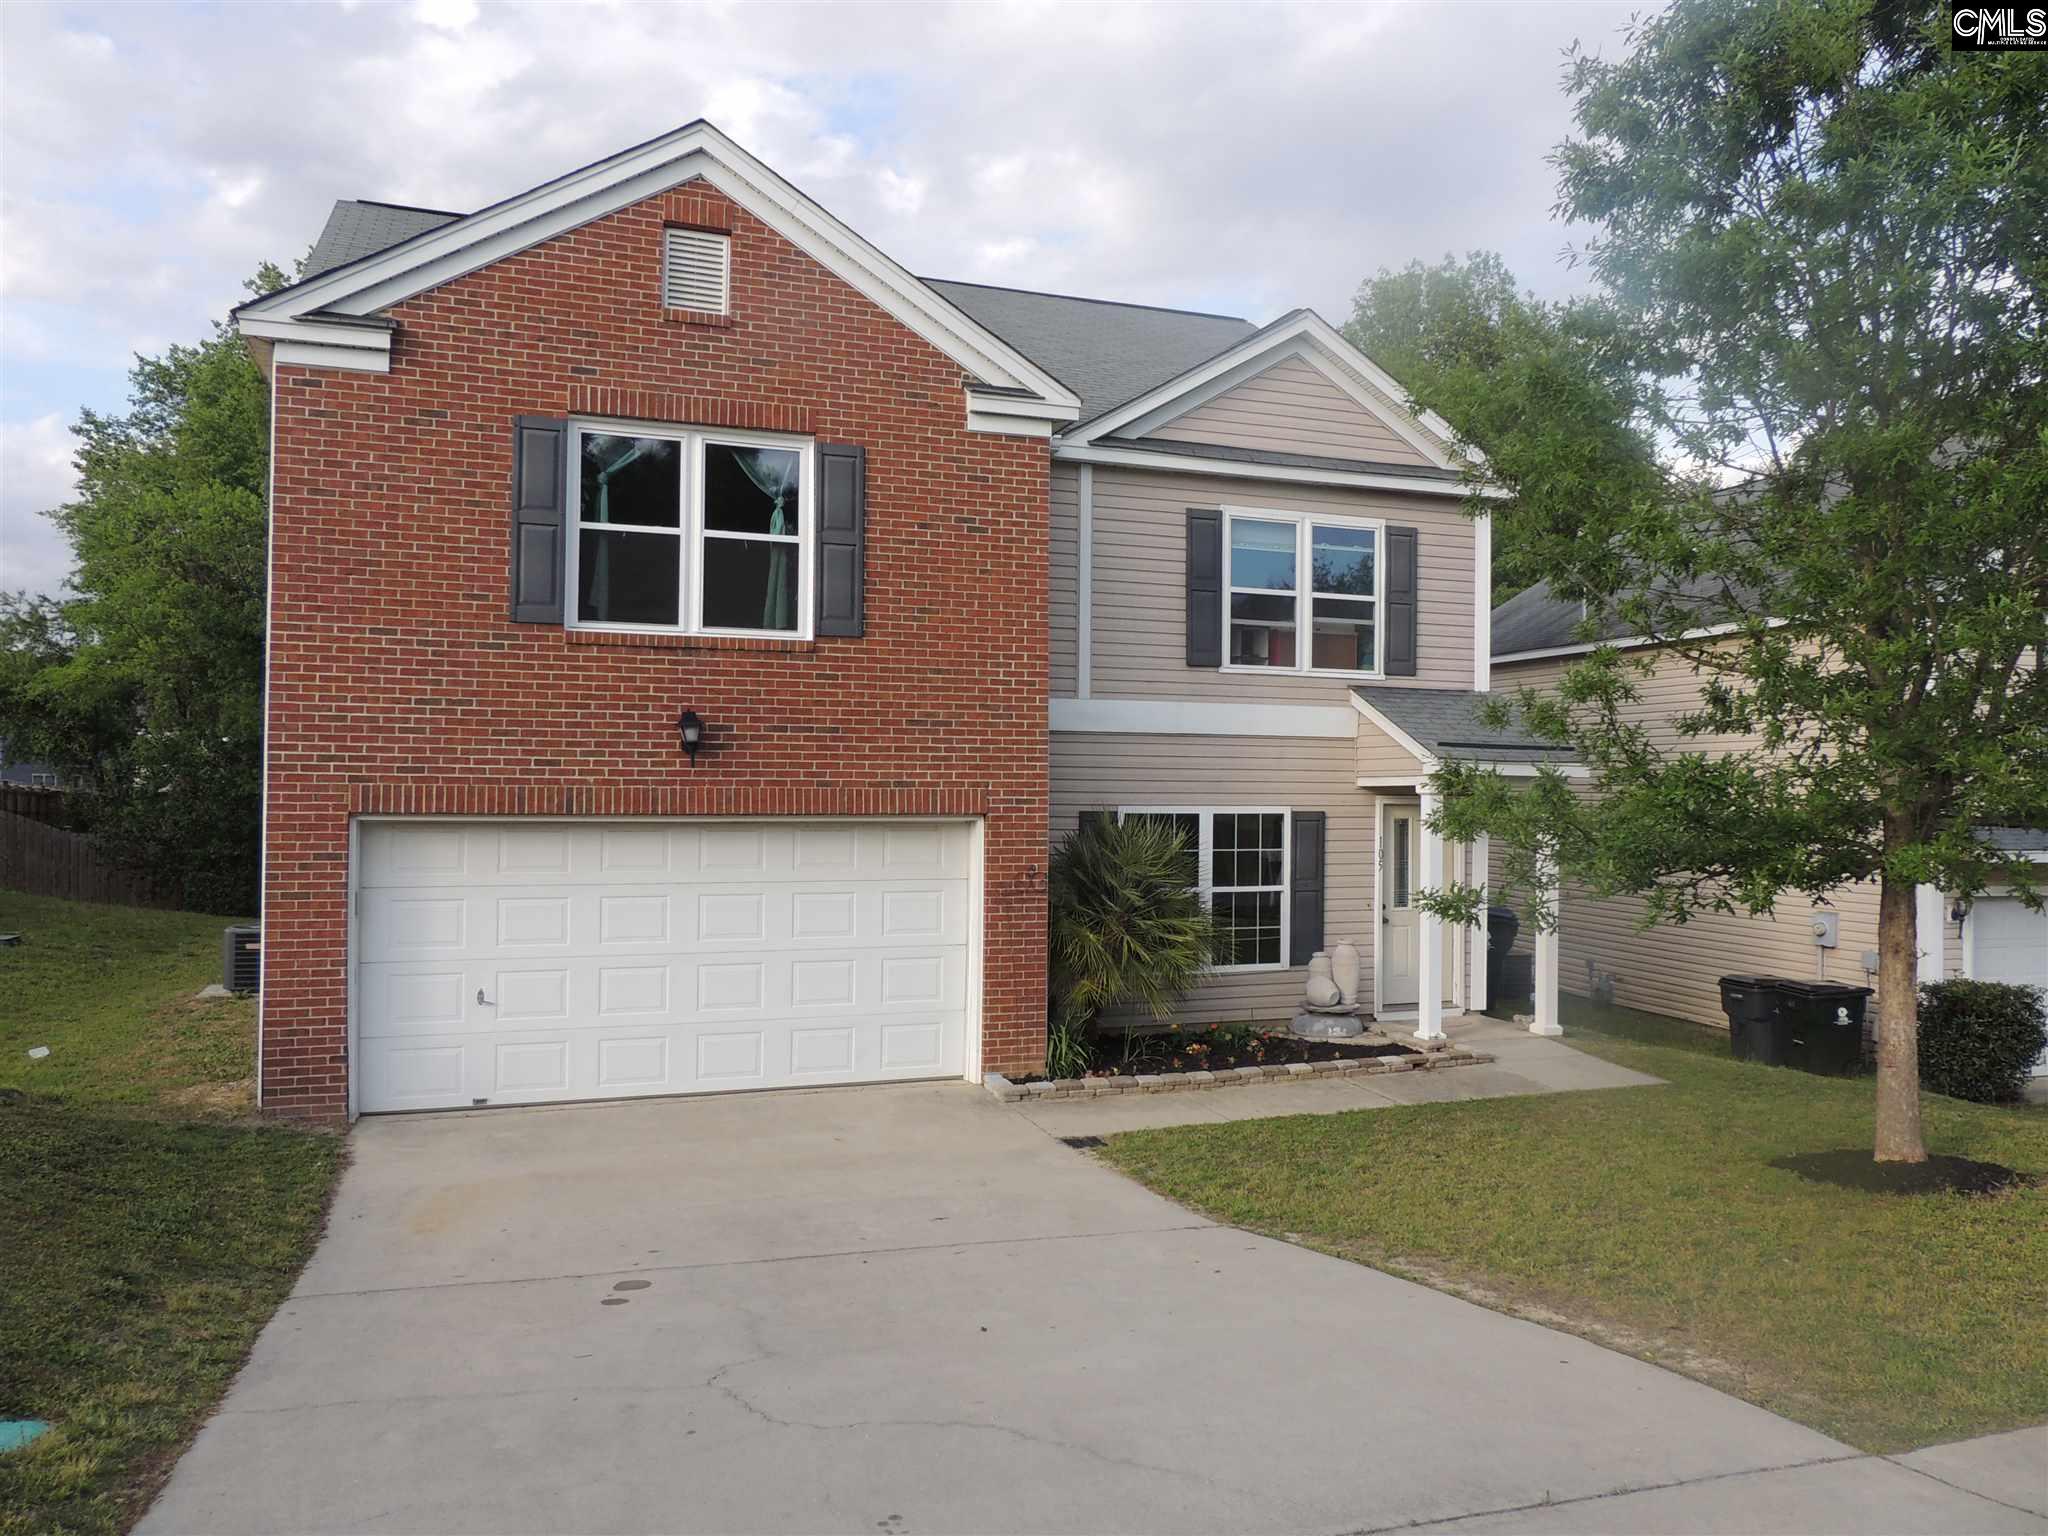 Richmond Farms Neighborhood Homes for Sale in Lexington SC